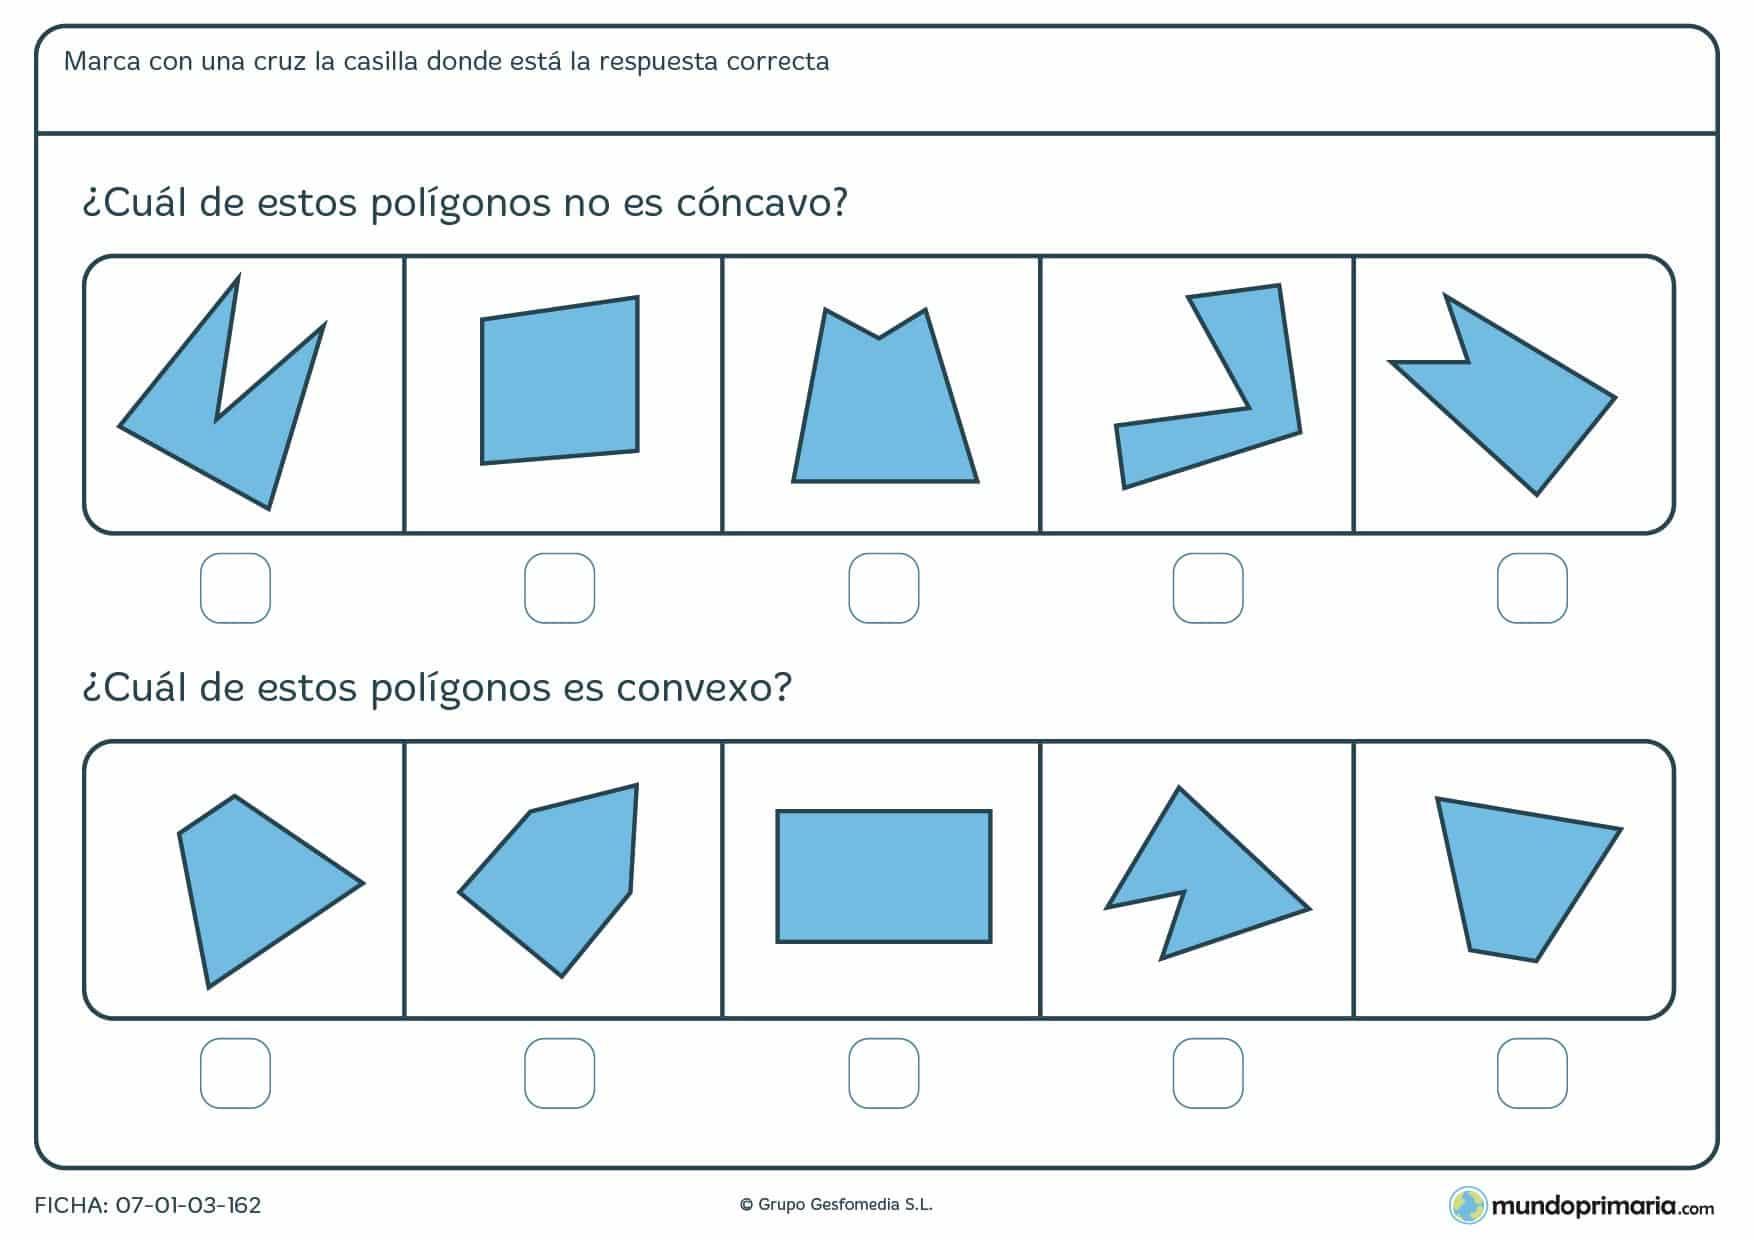 Ficha de cóncavos o convexos en la que has de decir si lo son o no lo son según se pida en el enunciado.